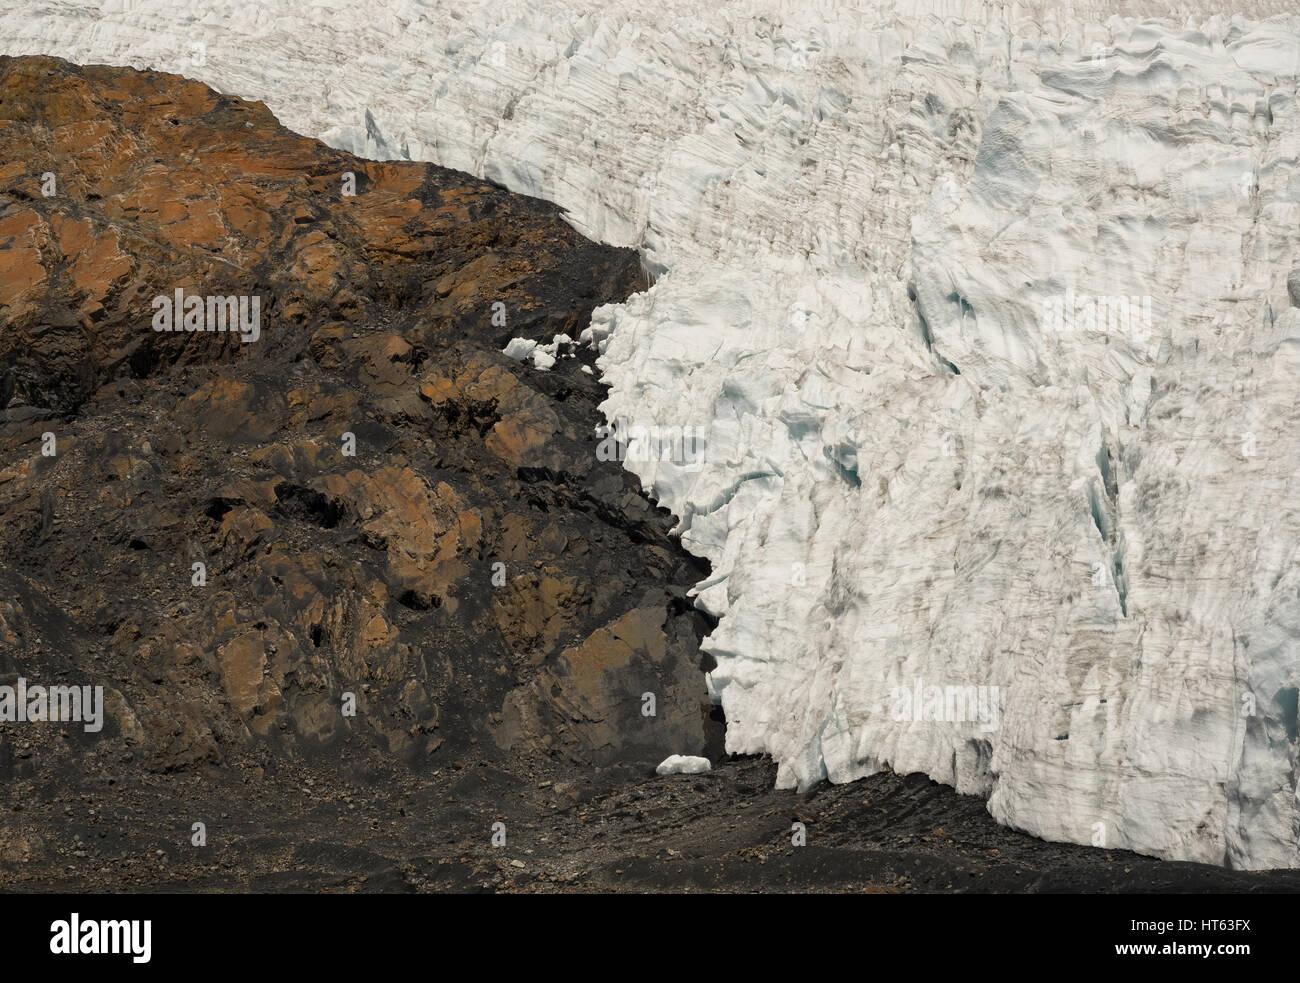 La frontera entre el hielo del glaciar y una contracción de la roca de una montaña, simbolizando el cambio Imagen De Stock